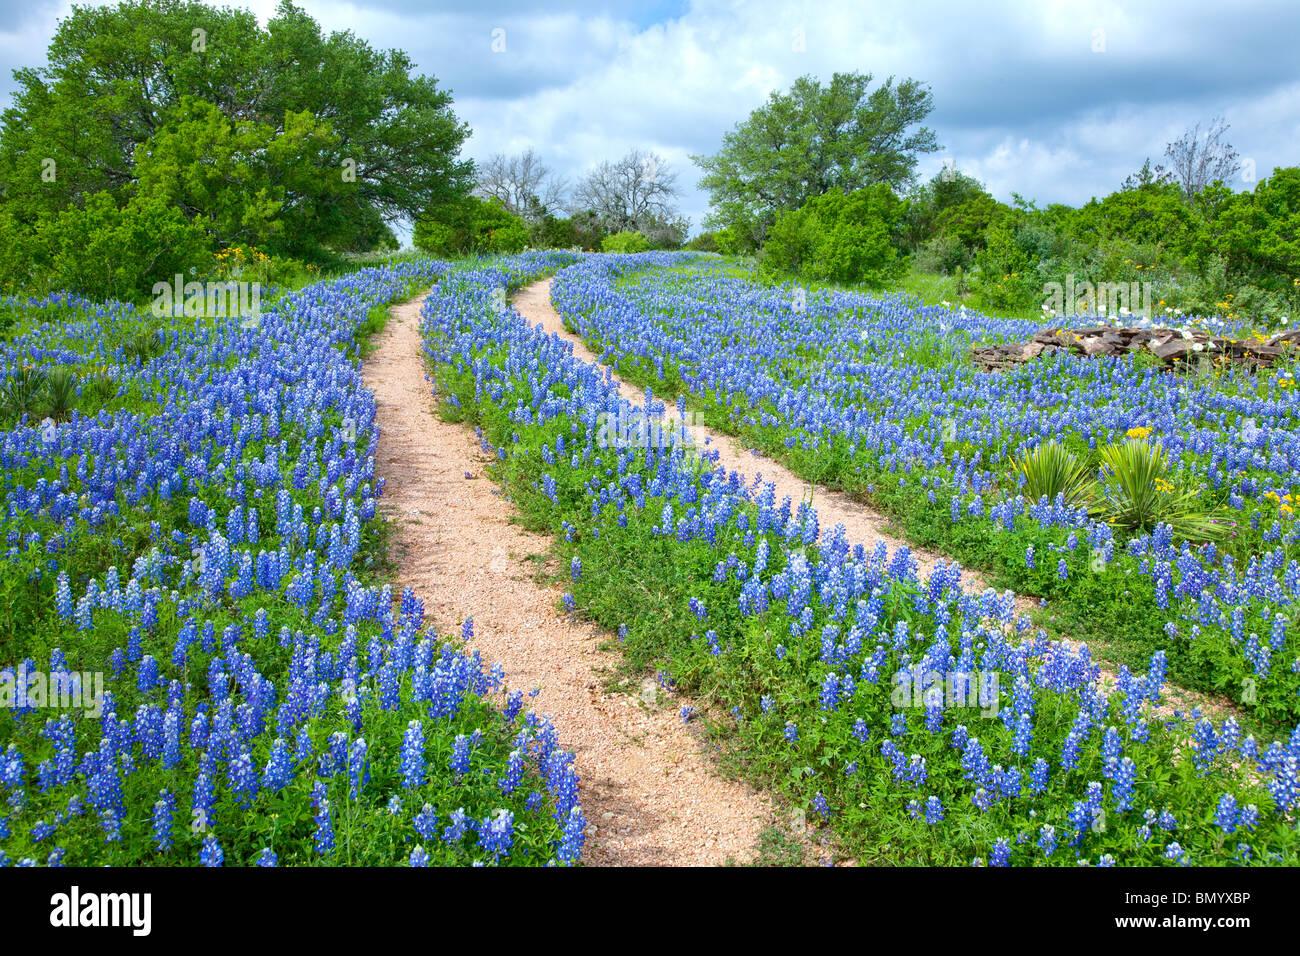 Double voie à travers un champ de Texas bluebonnets près de Sandy, au Texas. Photo Stock